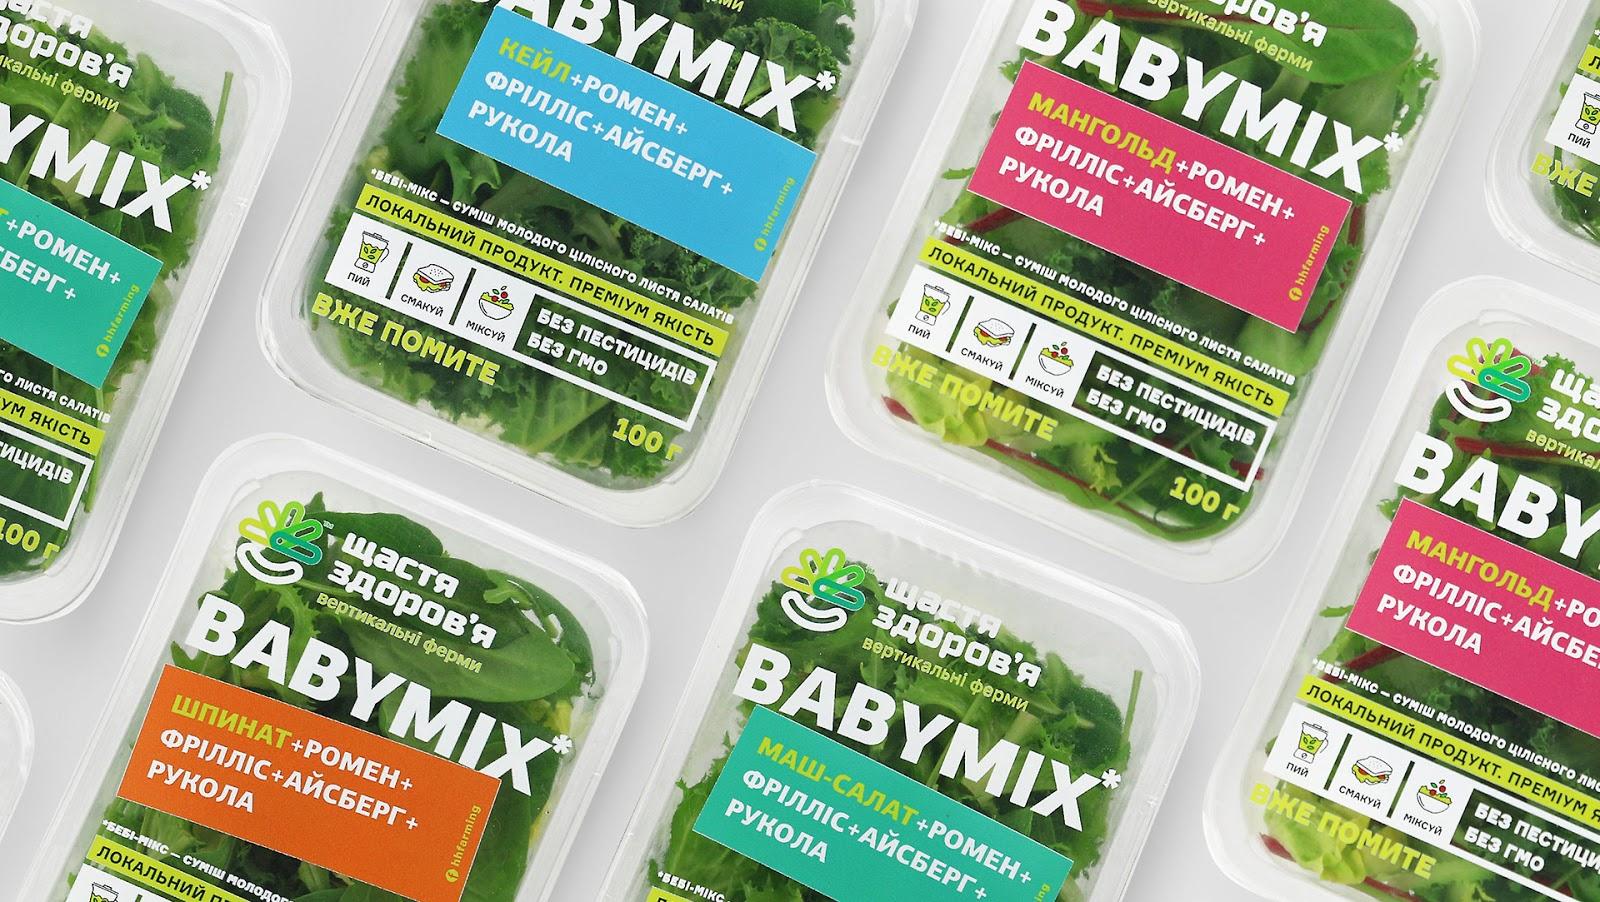 BABYMIX垂直农场蔬菜沙拉透明盒装包装fun88乐天使备用,用透明突出新鲜